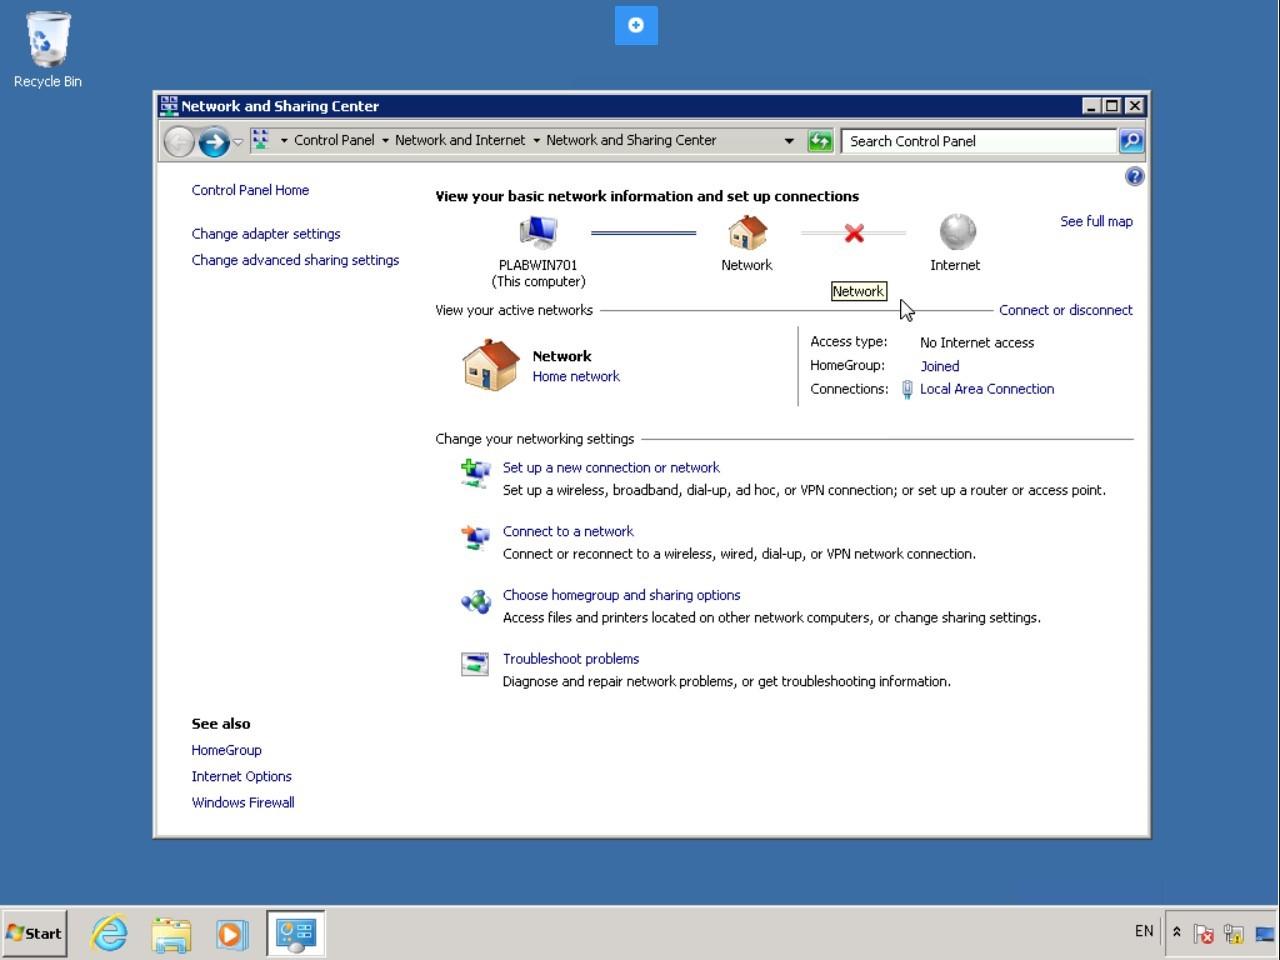 Hình 5.6 Ảnh chụp màn hình máy tính để bàn PLABWIN701